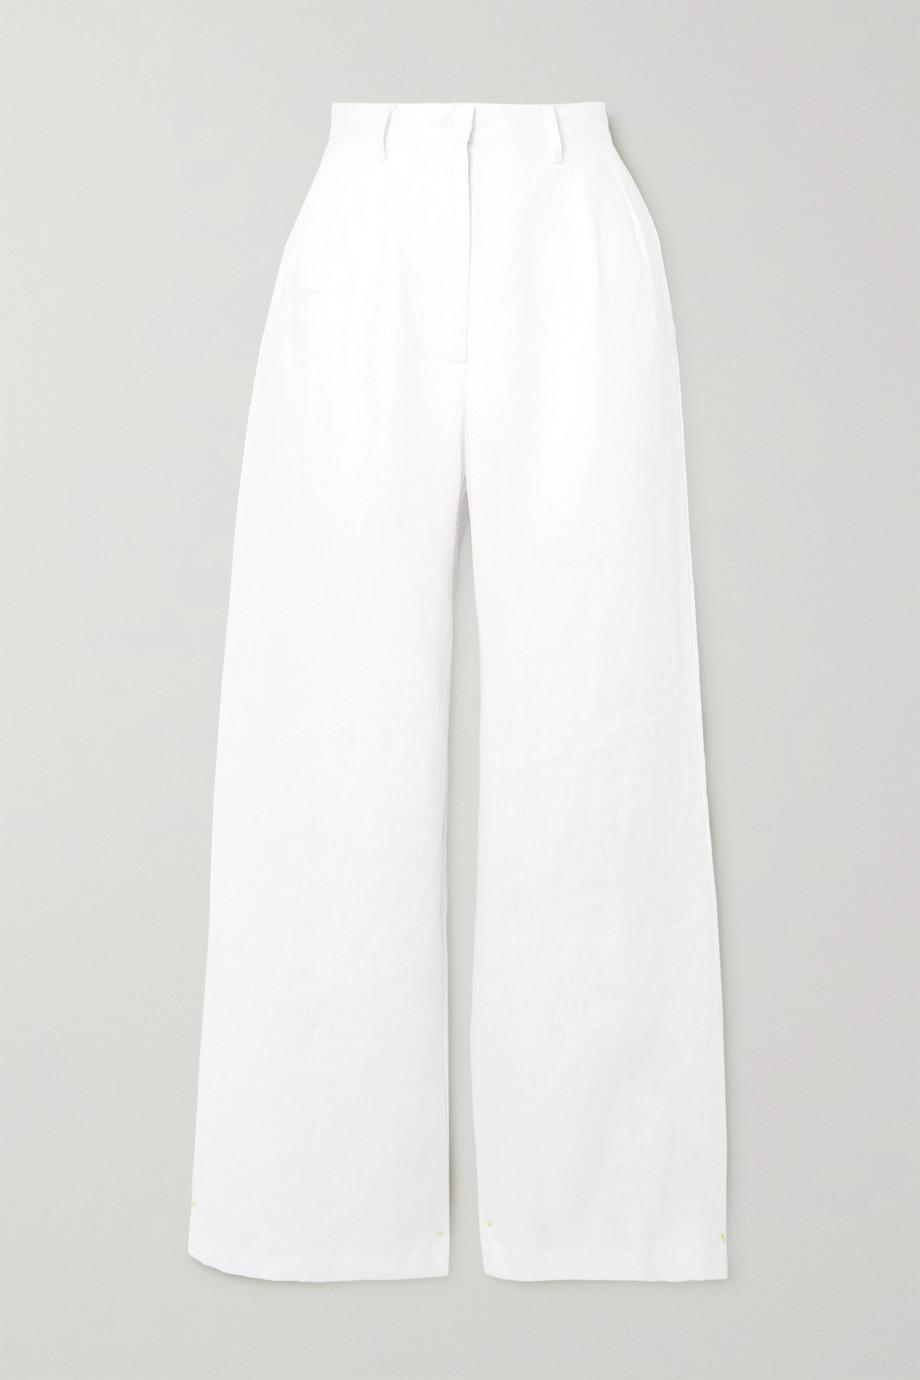 Faithfull The Brand + NET SUSTAIN Musa linen wide-leg pants